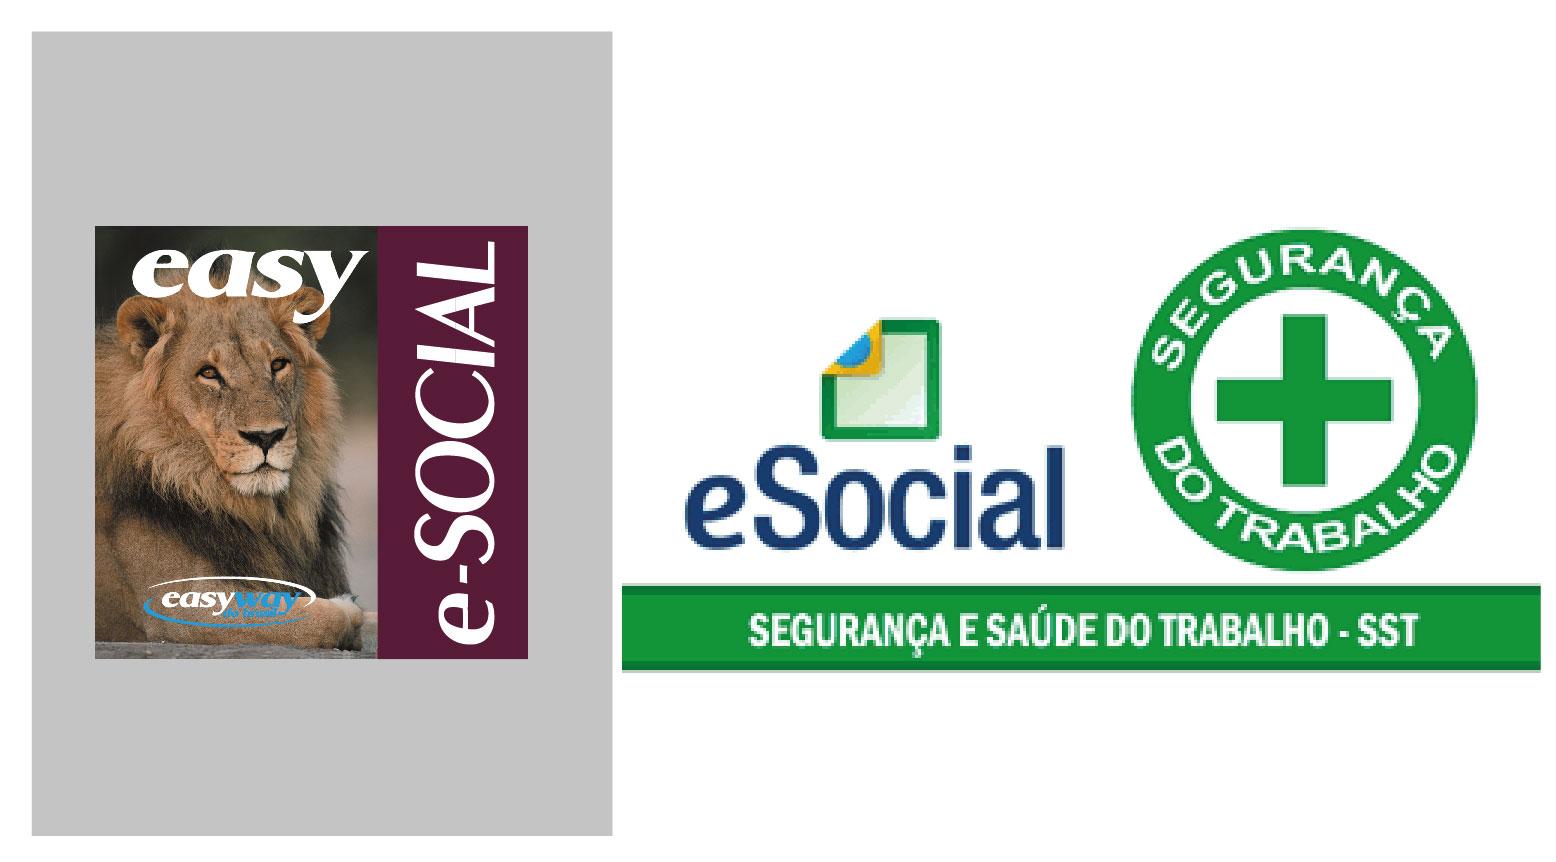 Site permite consulta aos prazos obrigatórios do eSocial